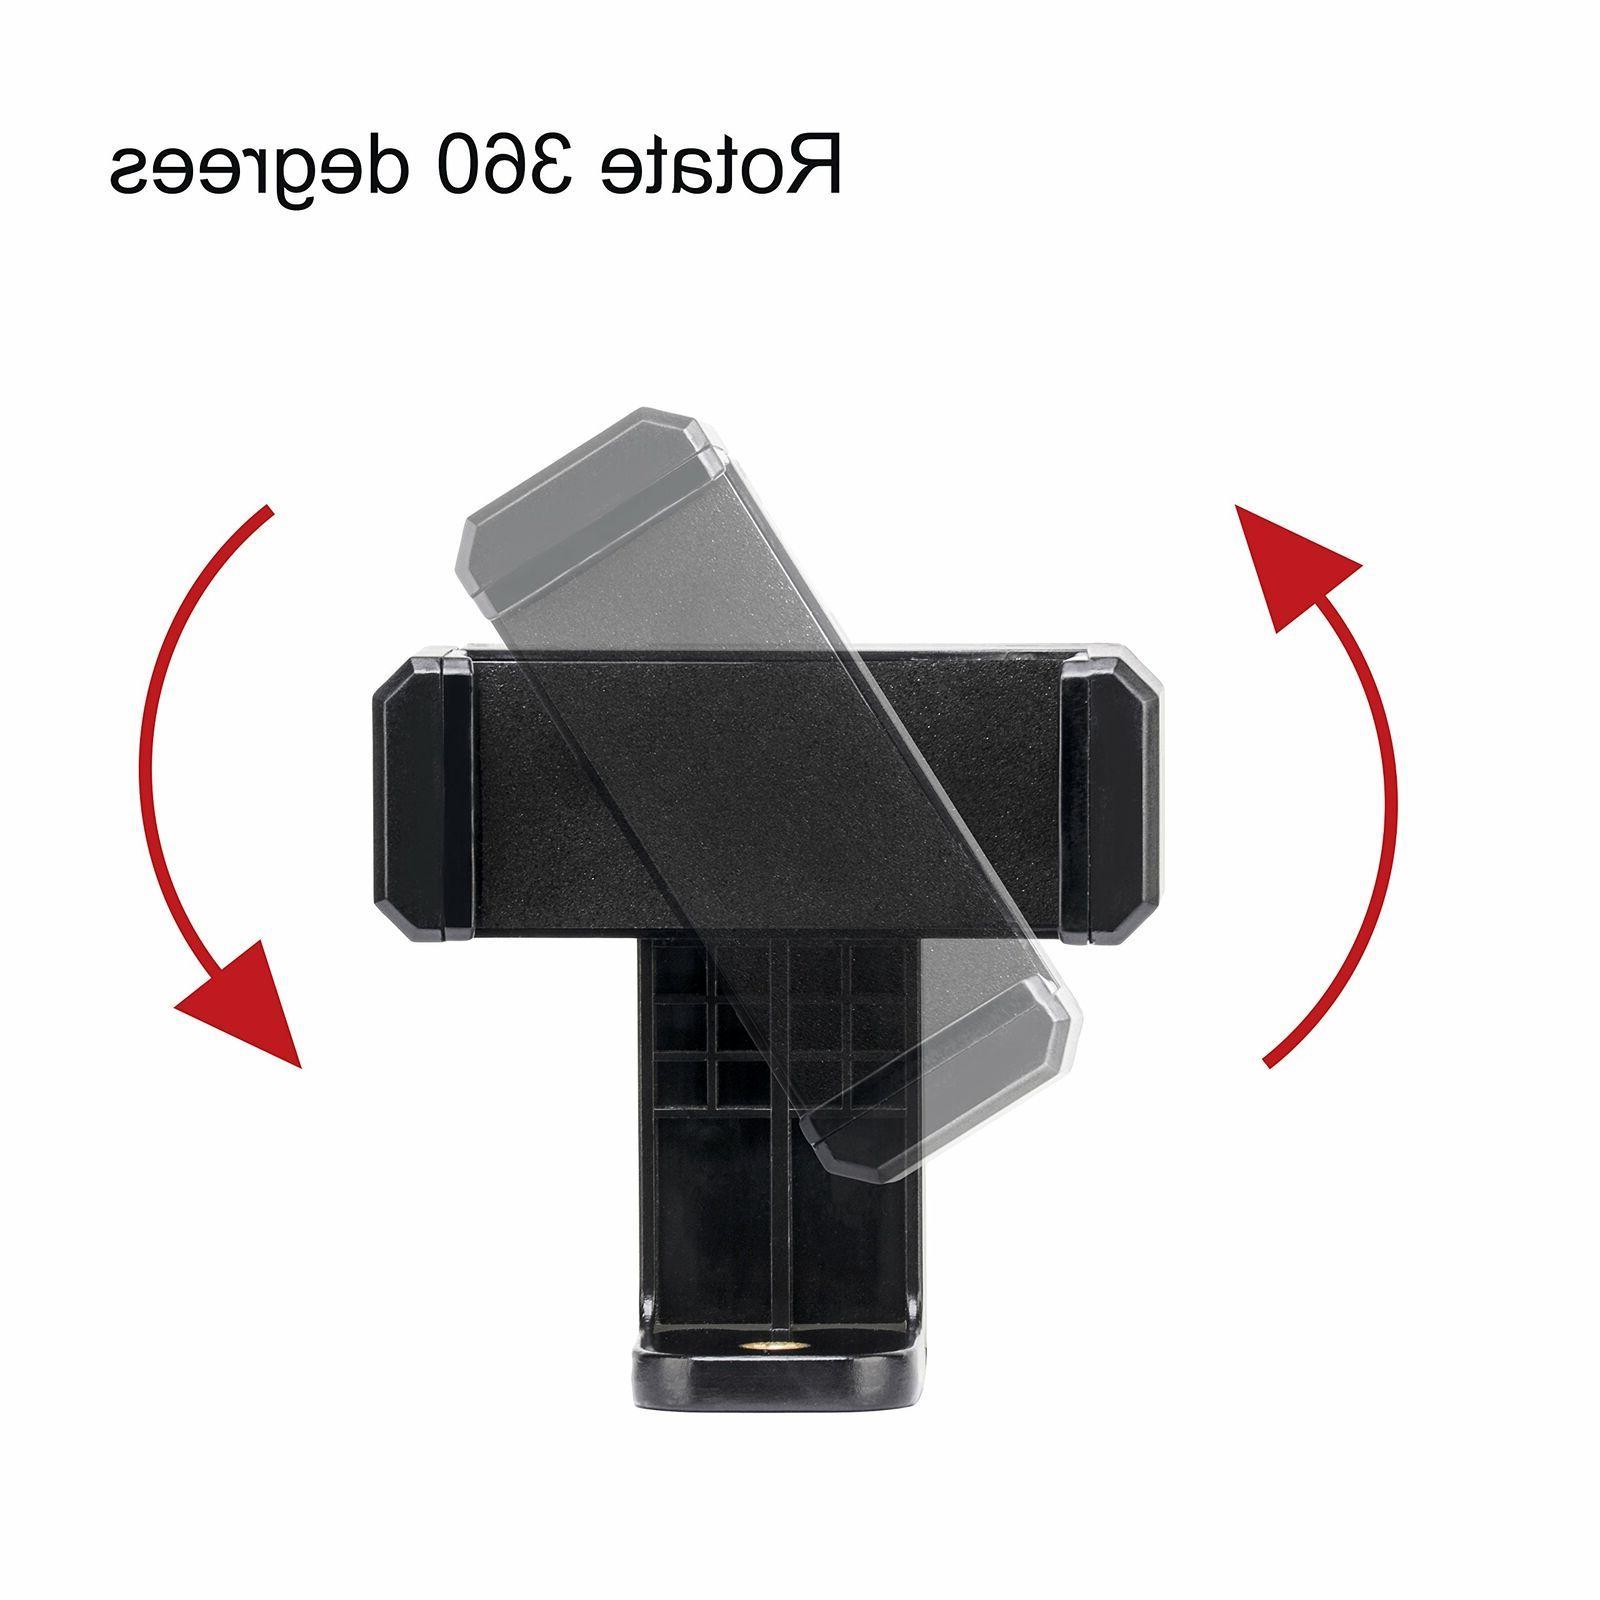 Smartphone Tripod Camera Attachment For